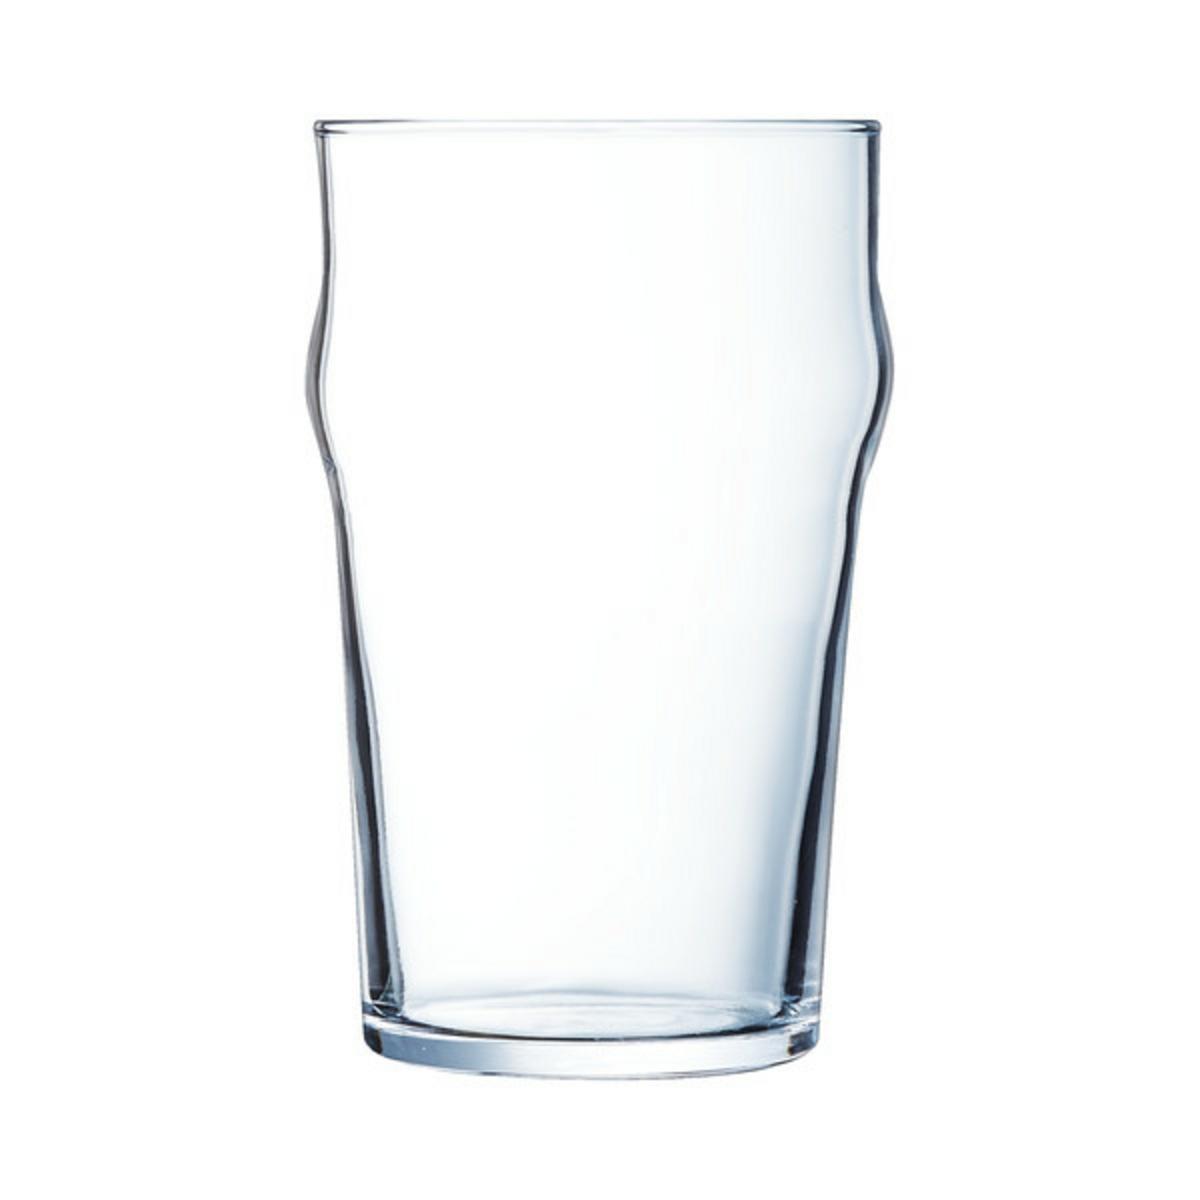 Verre à bière 28 cl Nonic Arcoroc